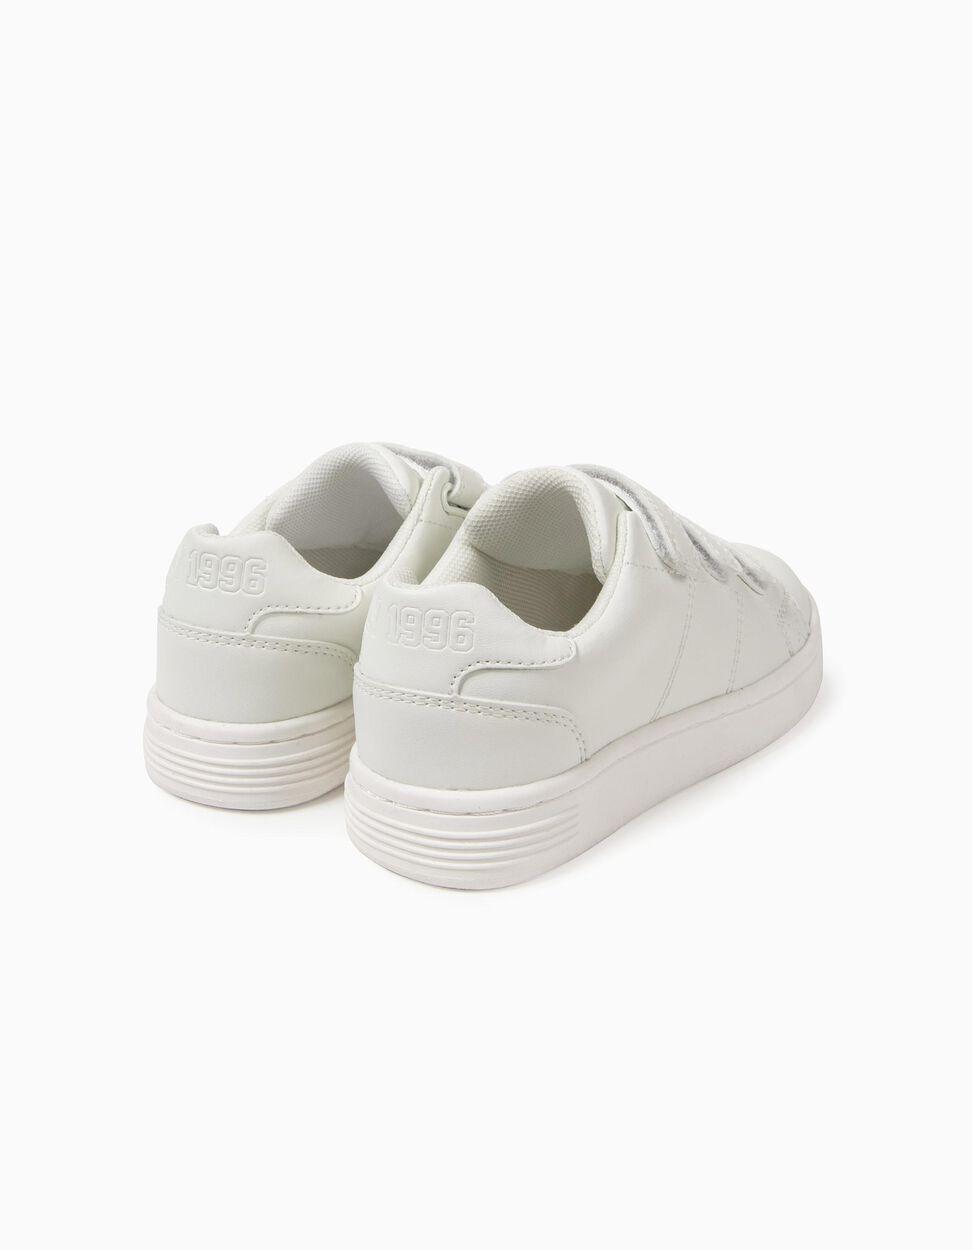 Zapatillas ZY 1996 Blancas